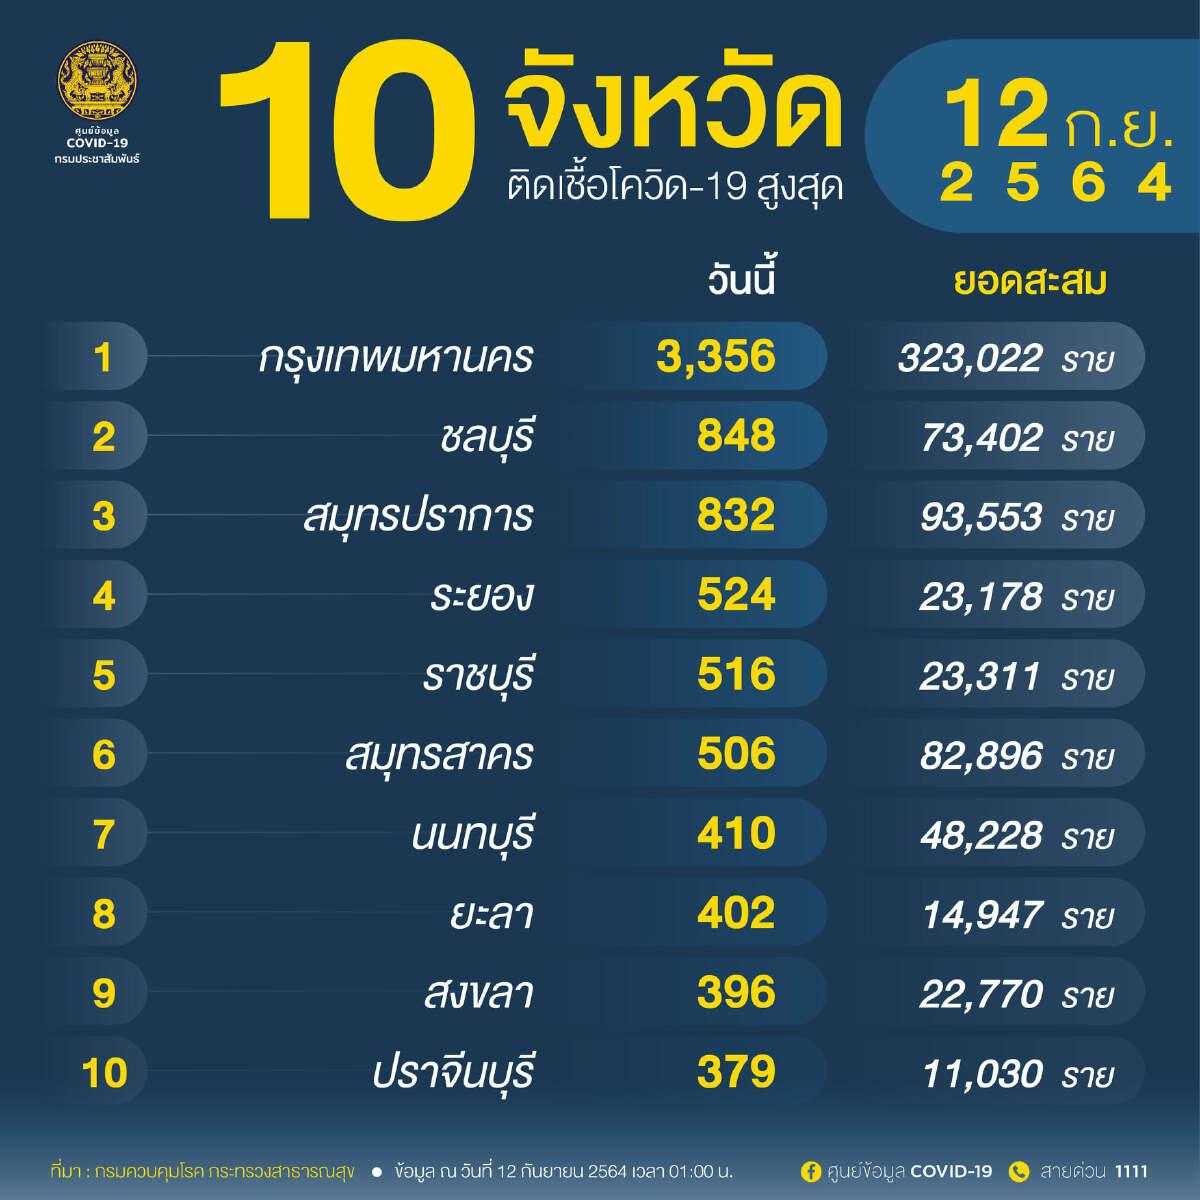 อัพเดท โควิดวันนี้ 10 จังหวัดติดเชื้อสูงสุด กทม. 3,356 จับตาชลบุรี  สมุทรปราการ